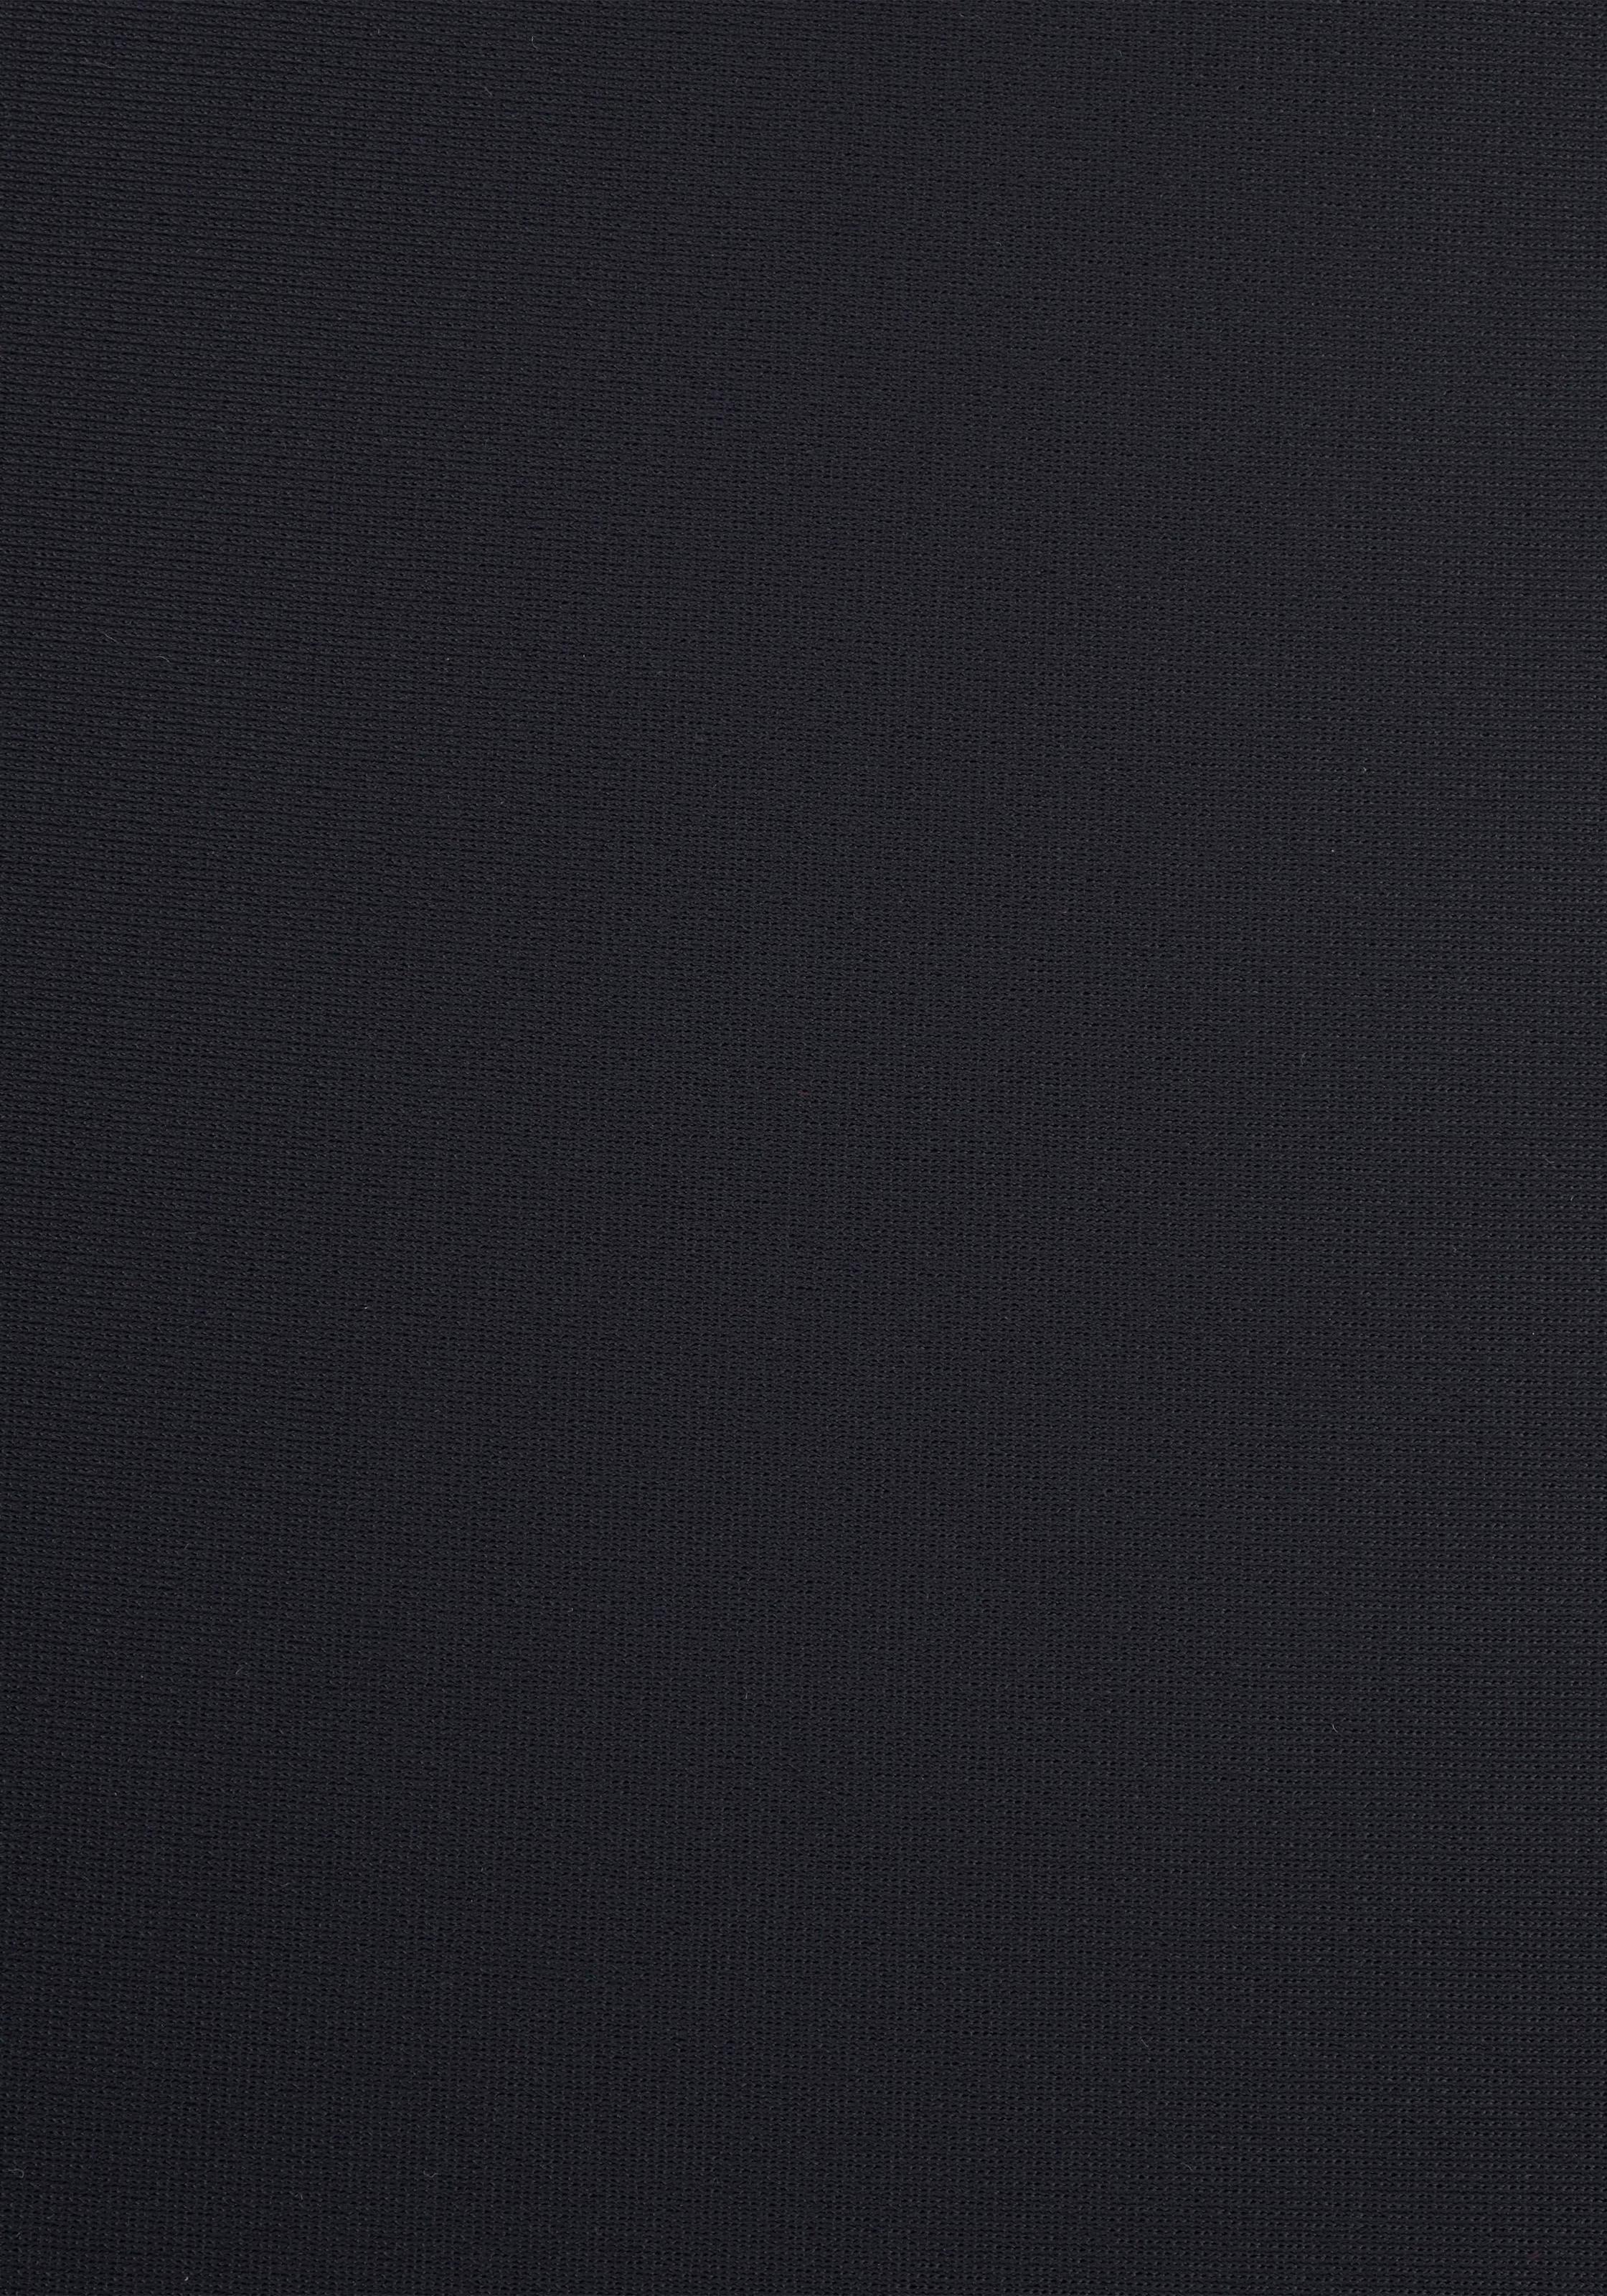 LASCANA Badeanzug mit schwarz-weissen Kontrastdetails online kaufen 1c31abcca8